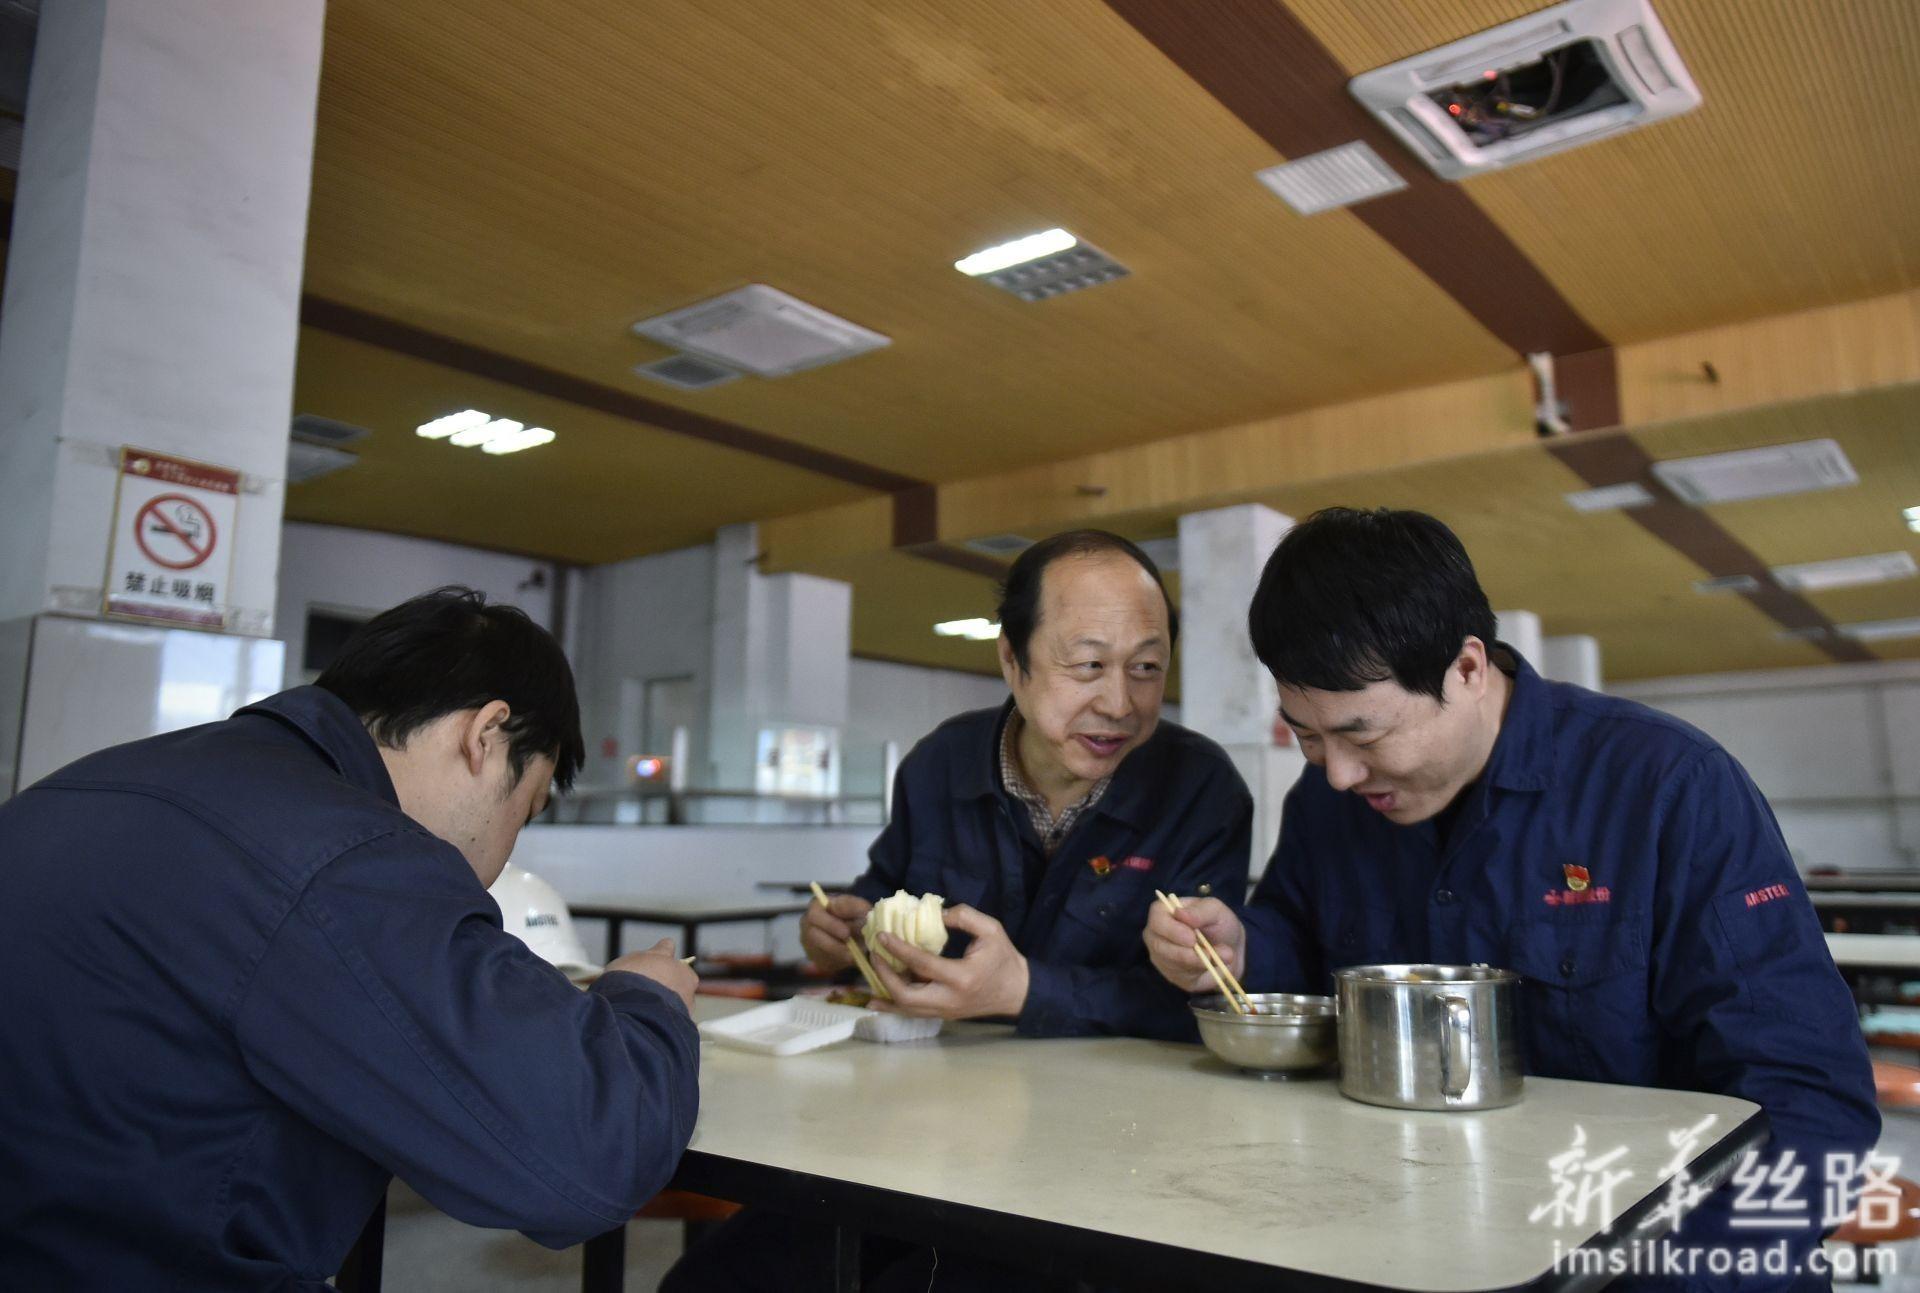 林学斌(中)和两个徒弟在食堂交流(4月29日摄)。新华社记者 姚剑锋 摄